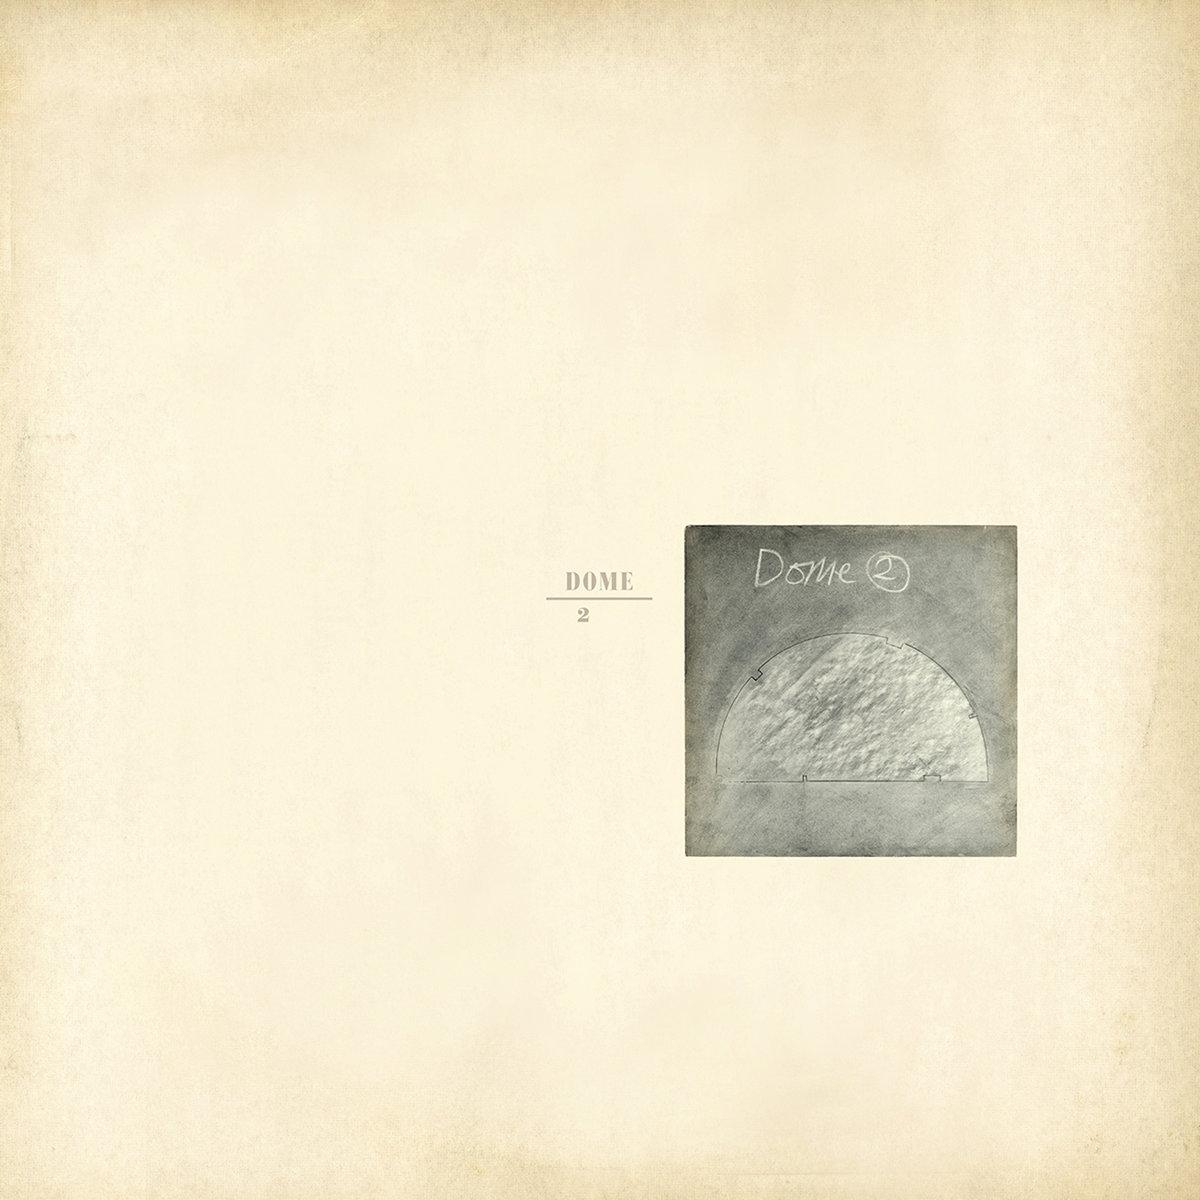 DOME 2 (LP)